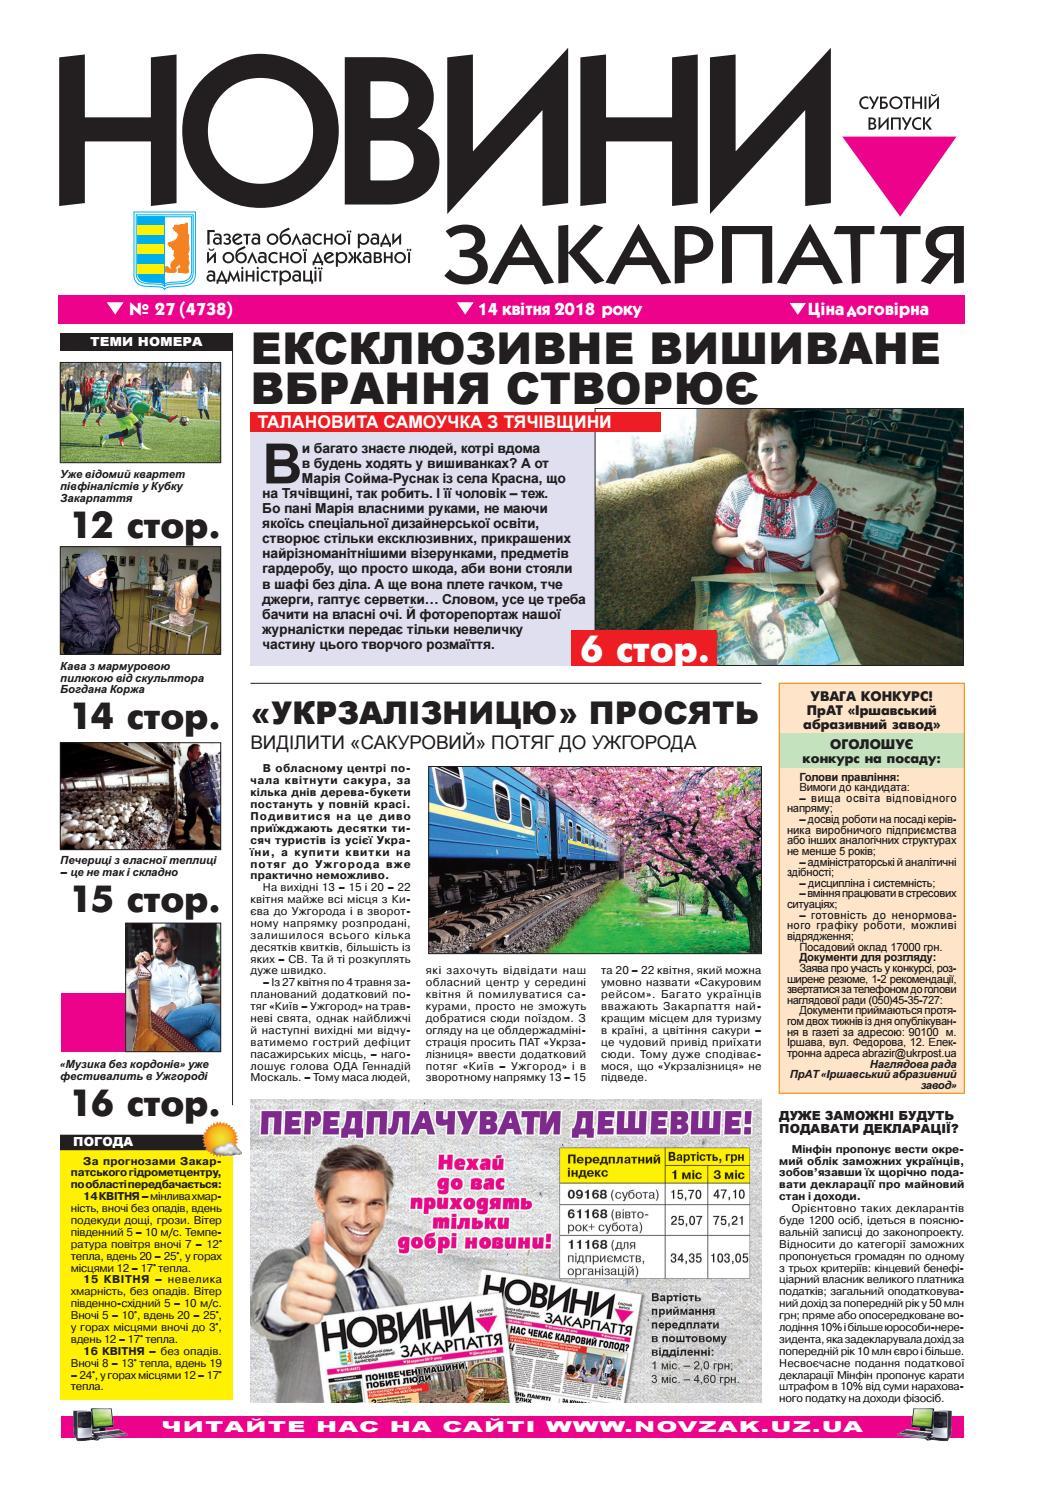 Novini 14 04 2018 № 27 (4738) by Новини Закарпаття - issuu 314a8a7f0fd02